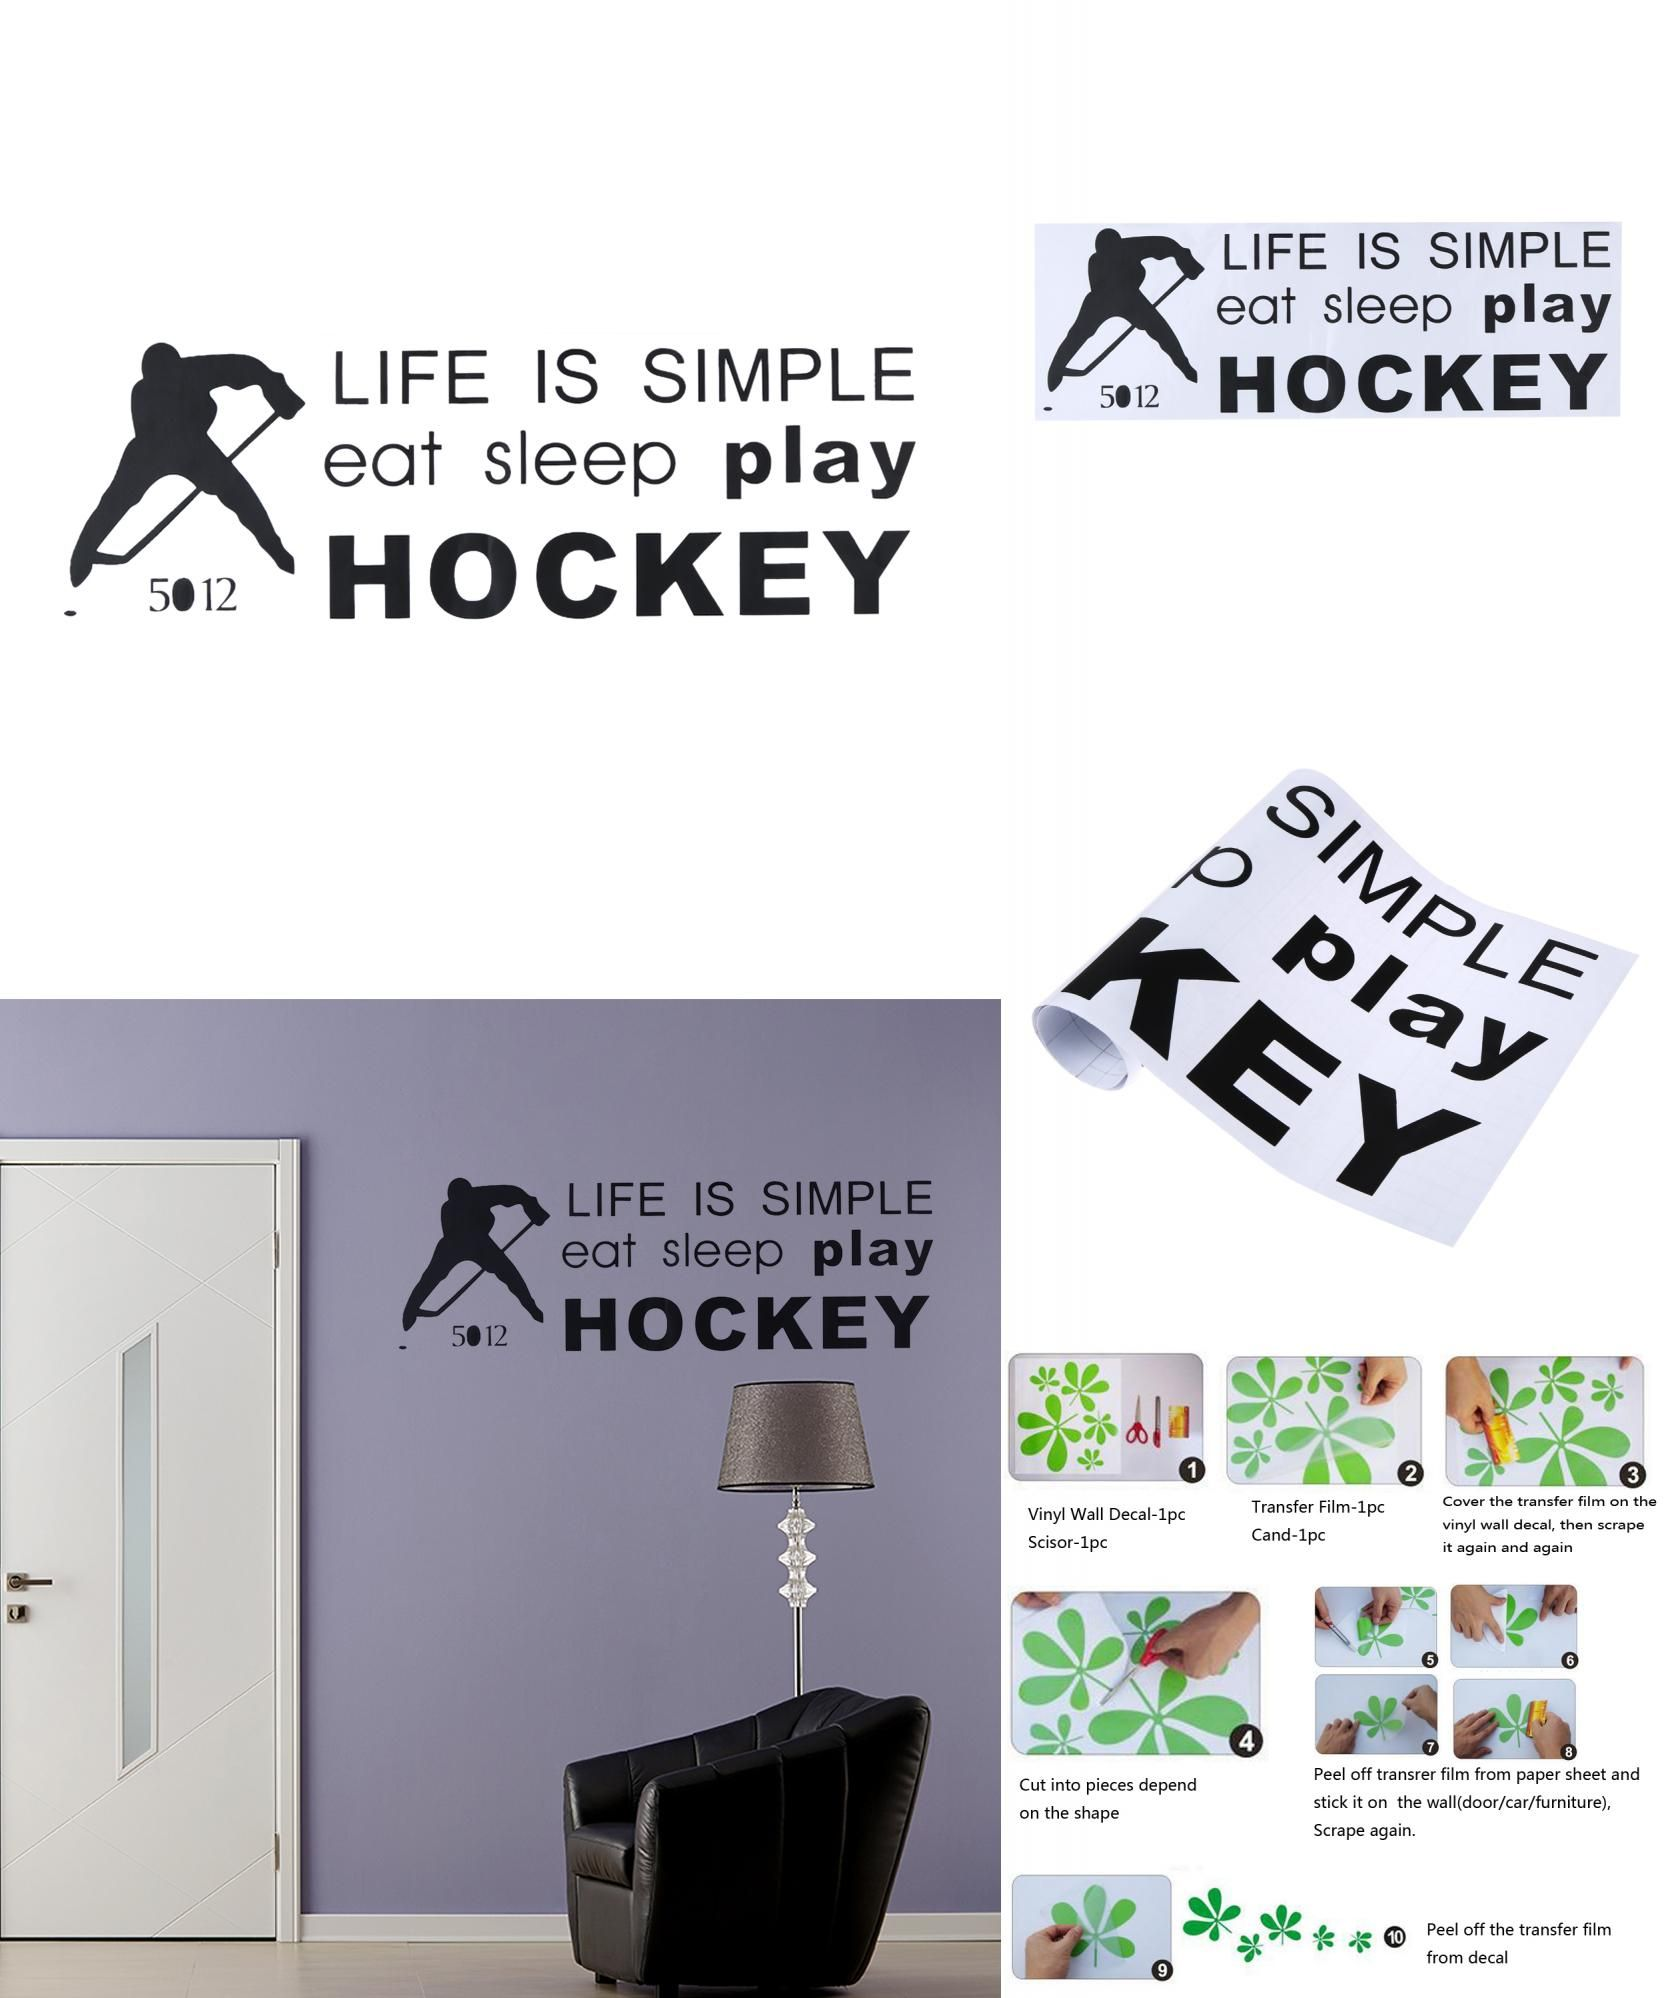 [Visit To Buy] Life Is Simple Eat Sleep Play Hockey